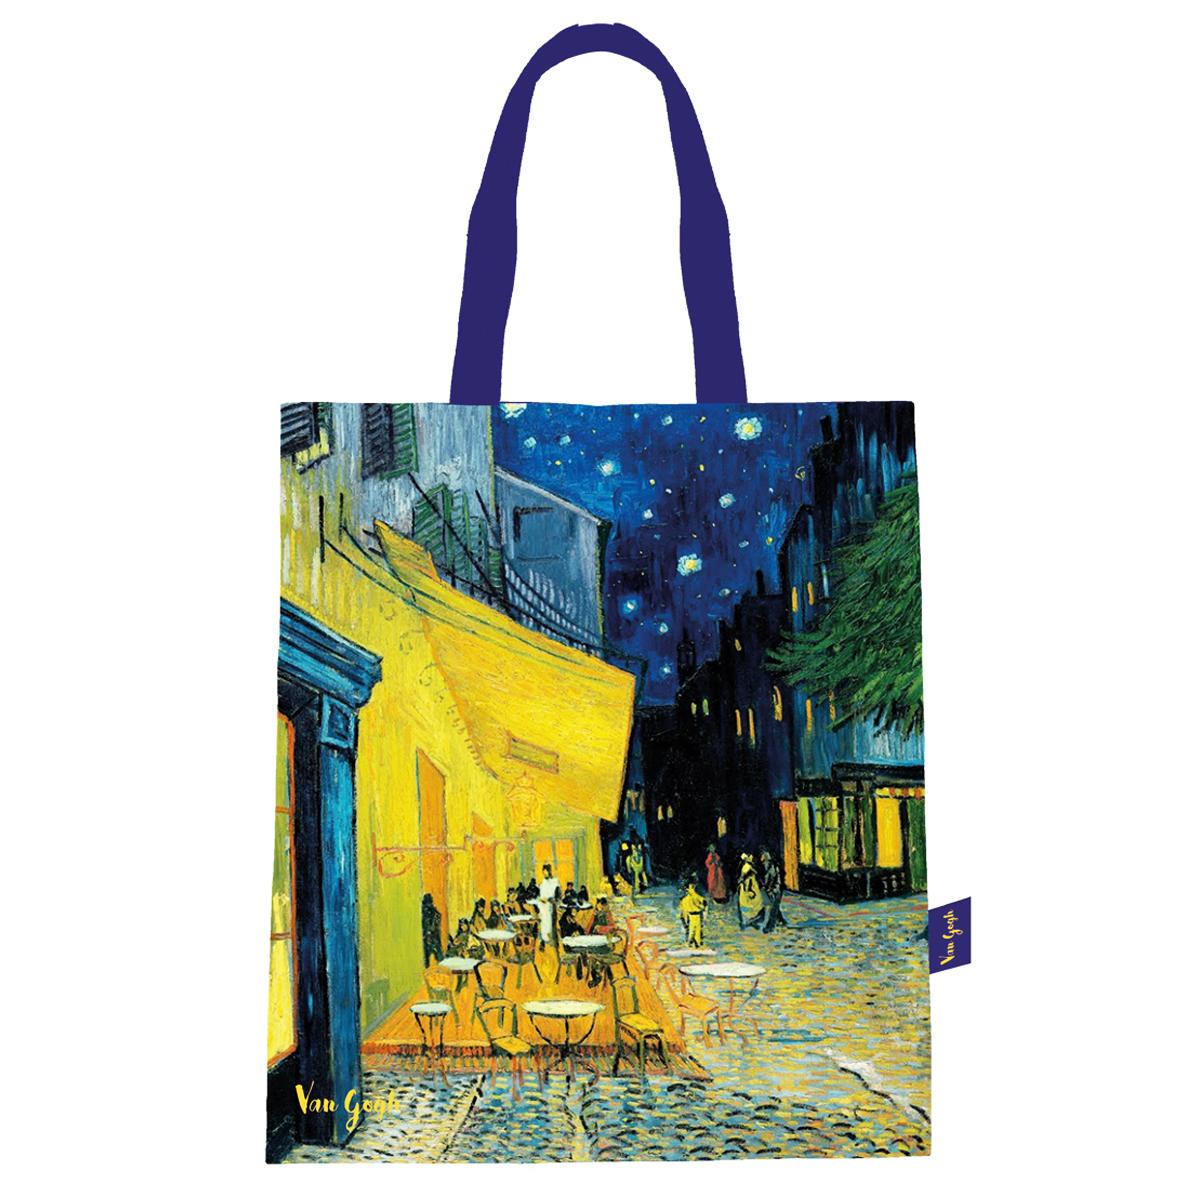 Sac coton / tote bag \'Vincent Van Gogh\' (Terrasse du café le soir) - 44x38 cm - [Q9252]